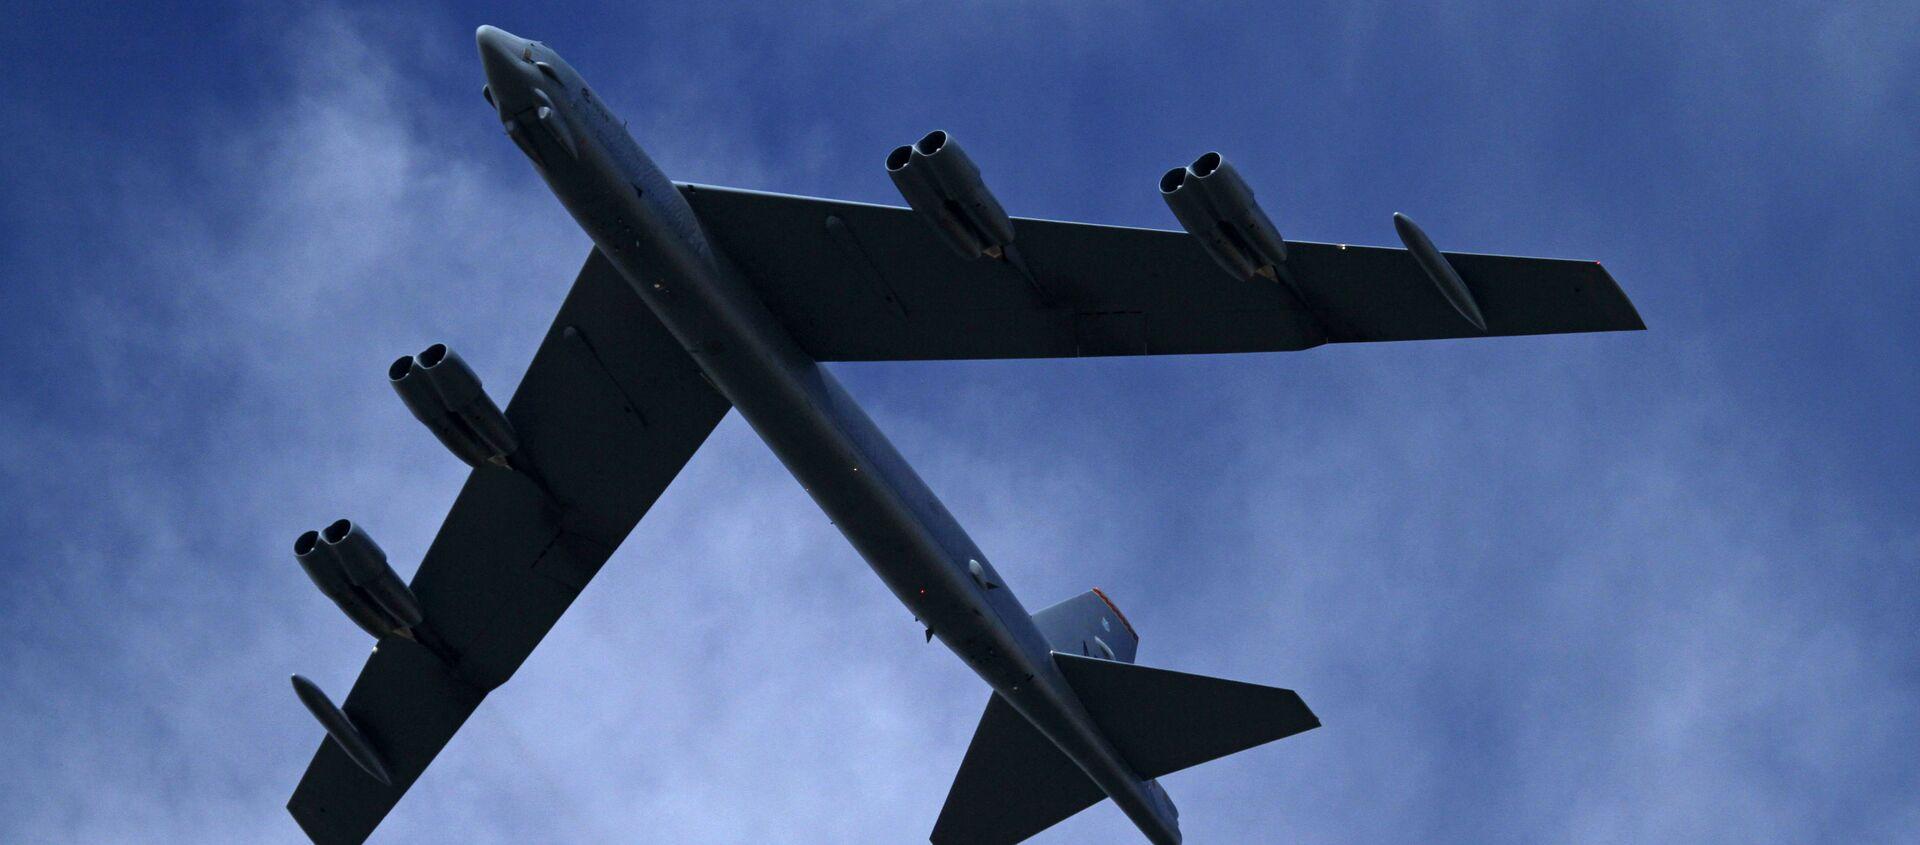 Bombowiec strategiczny Sił Powietrznych USA B-52H - Sputnik Polska, 1920, 16.05.2021